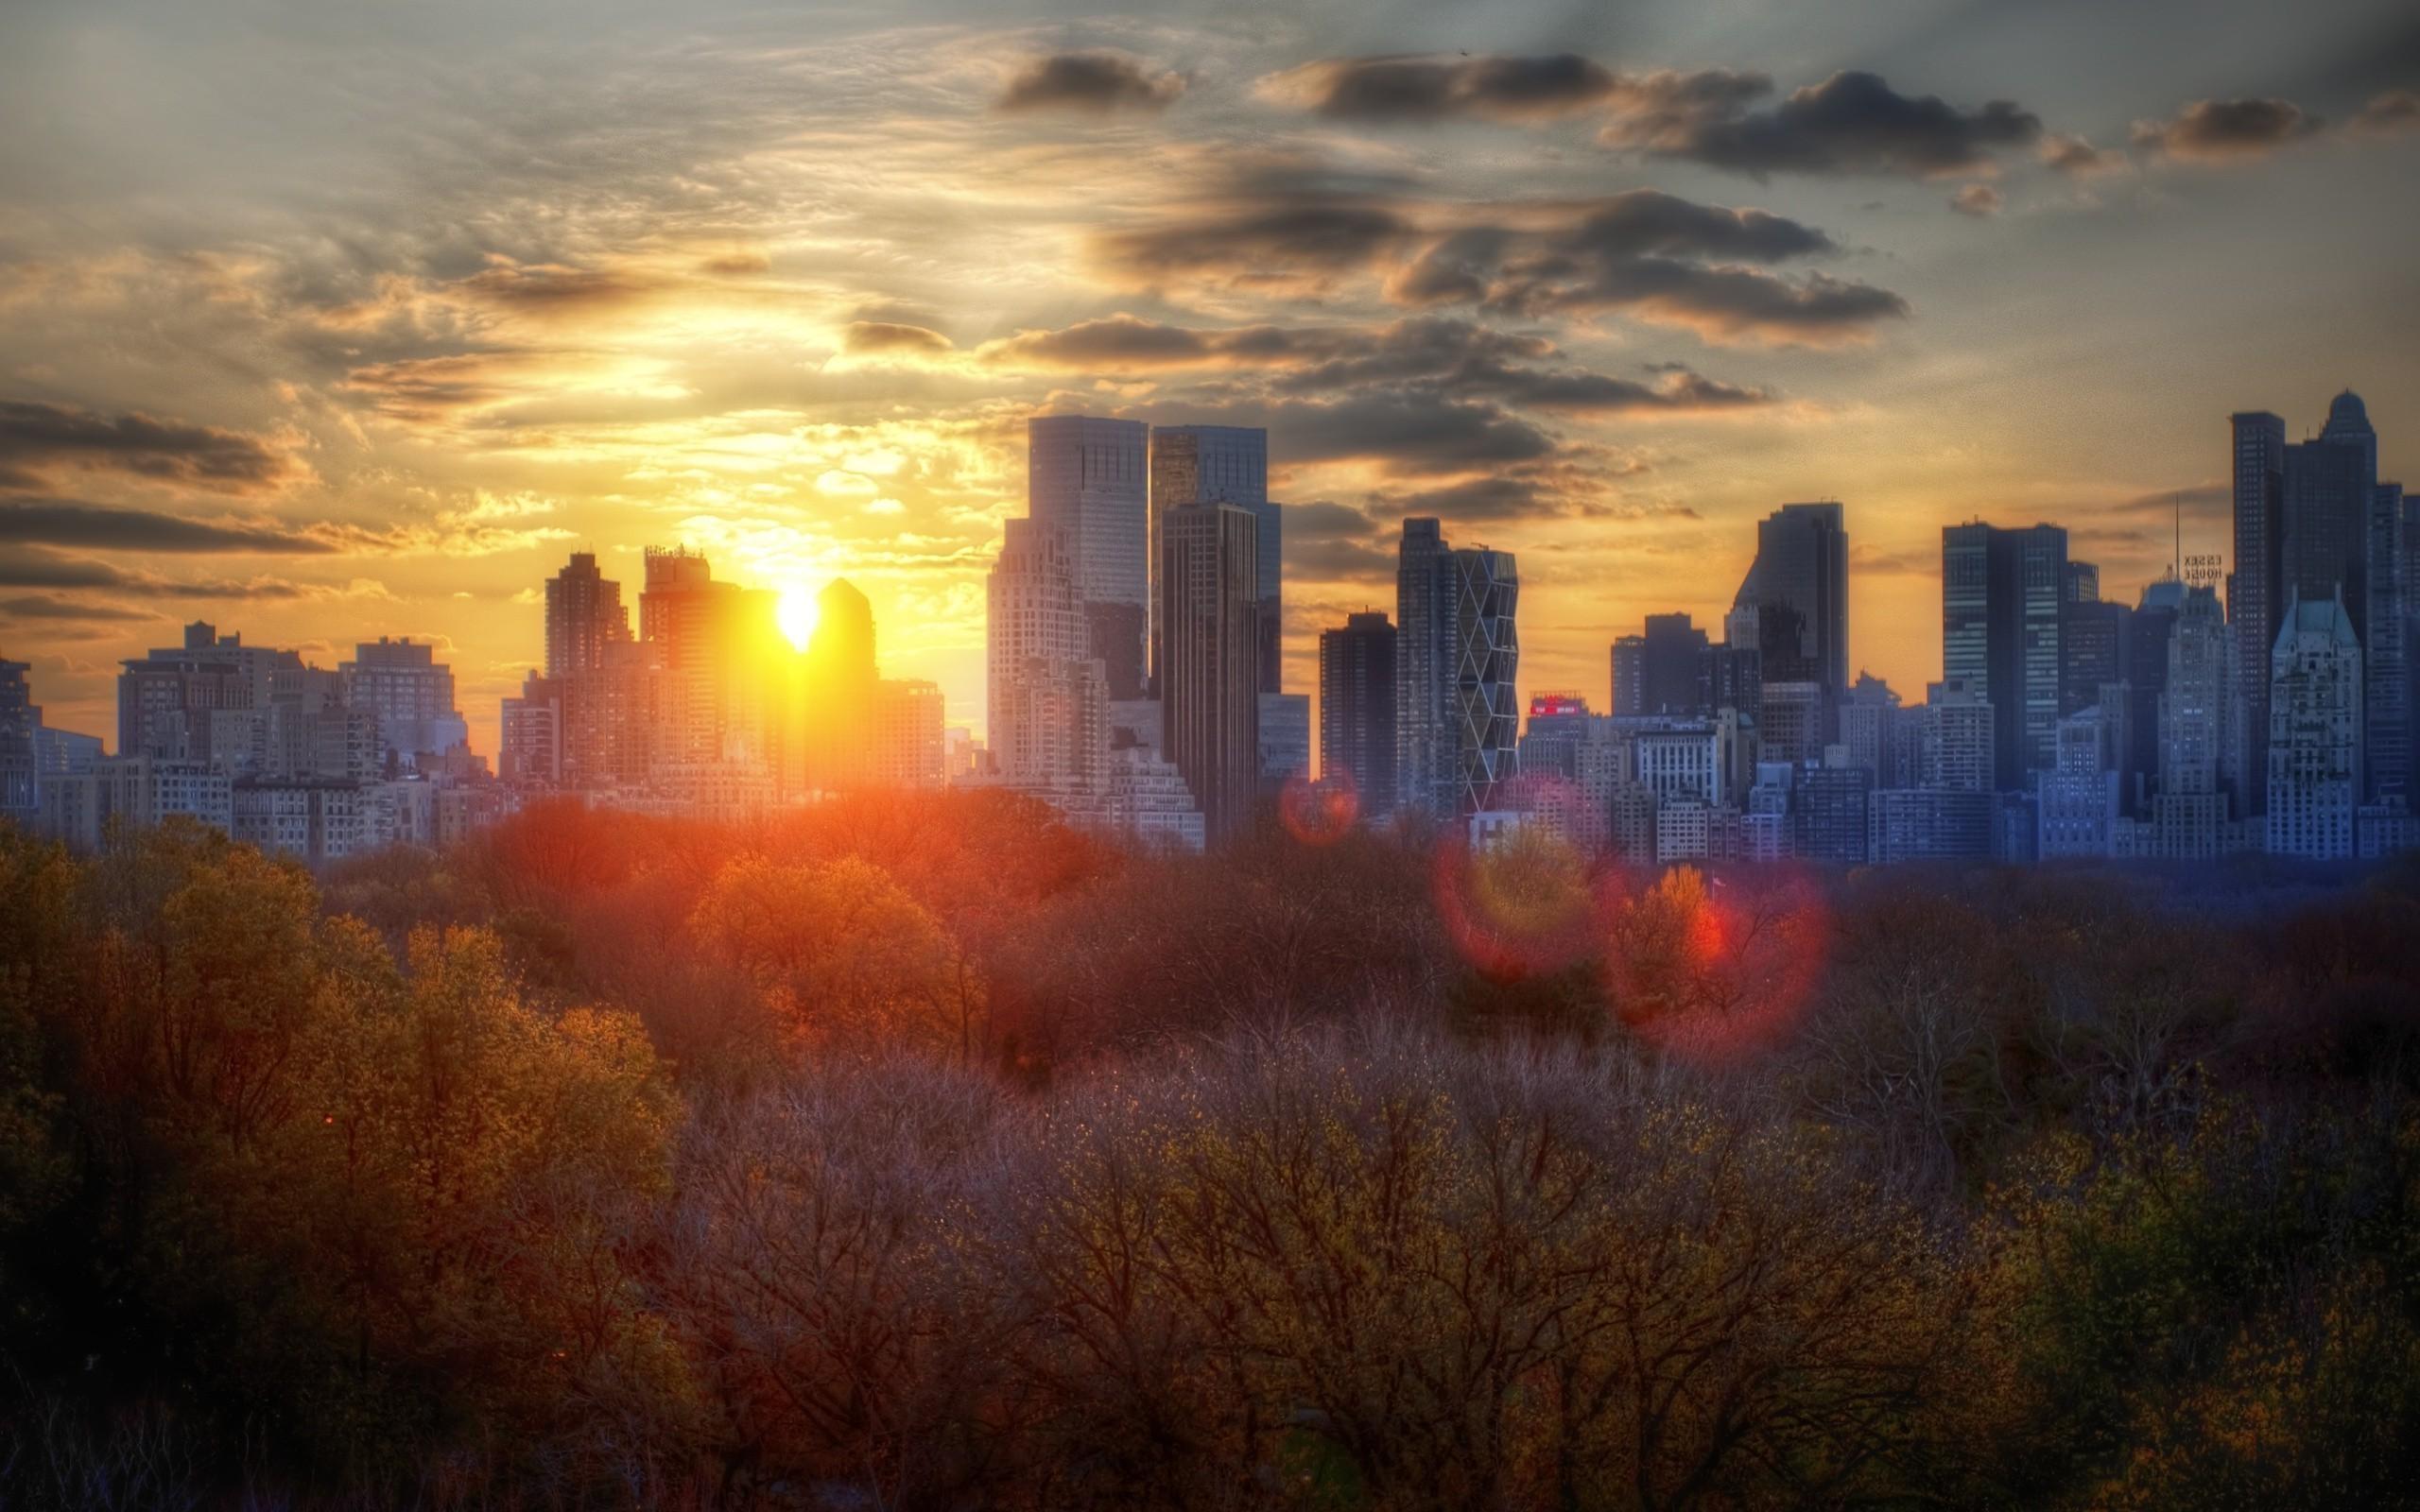 New York City Sunrise Wallpaper 4K